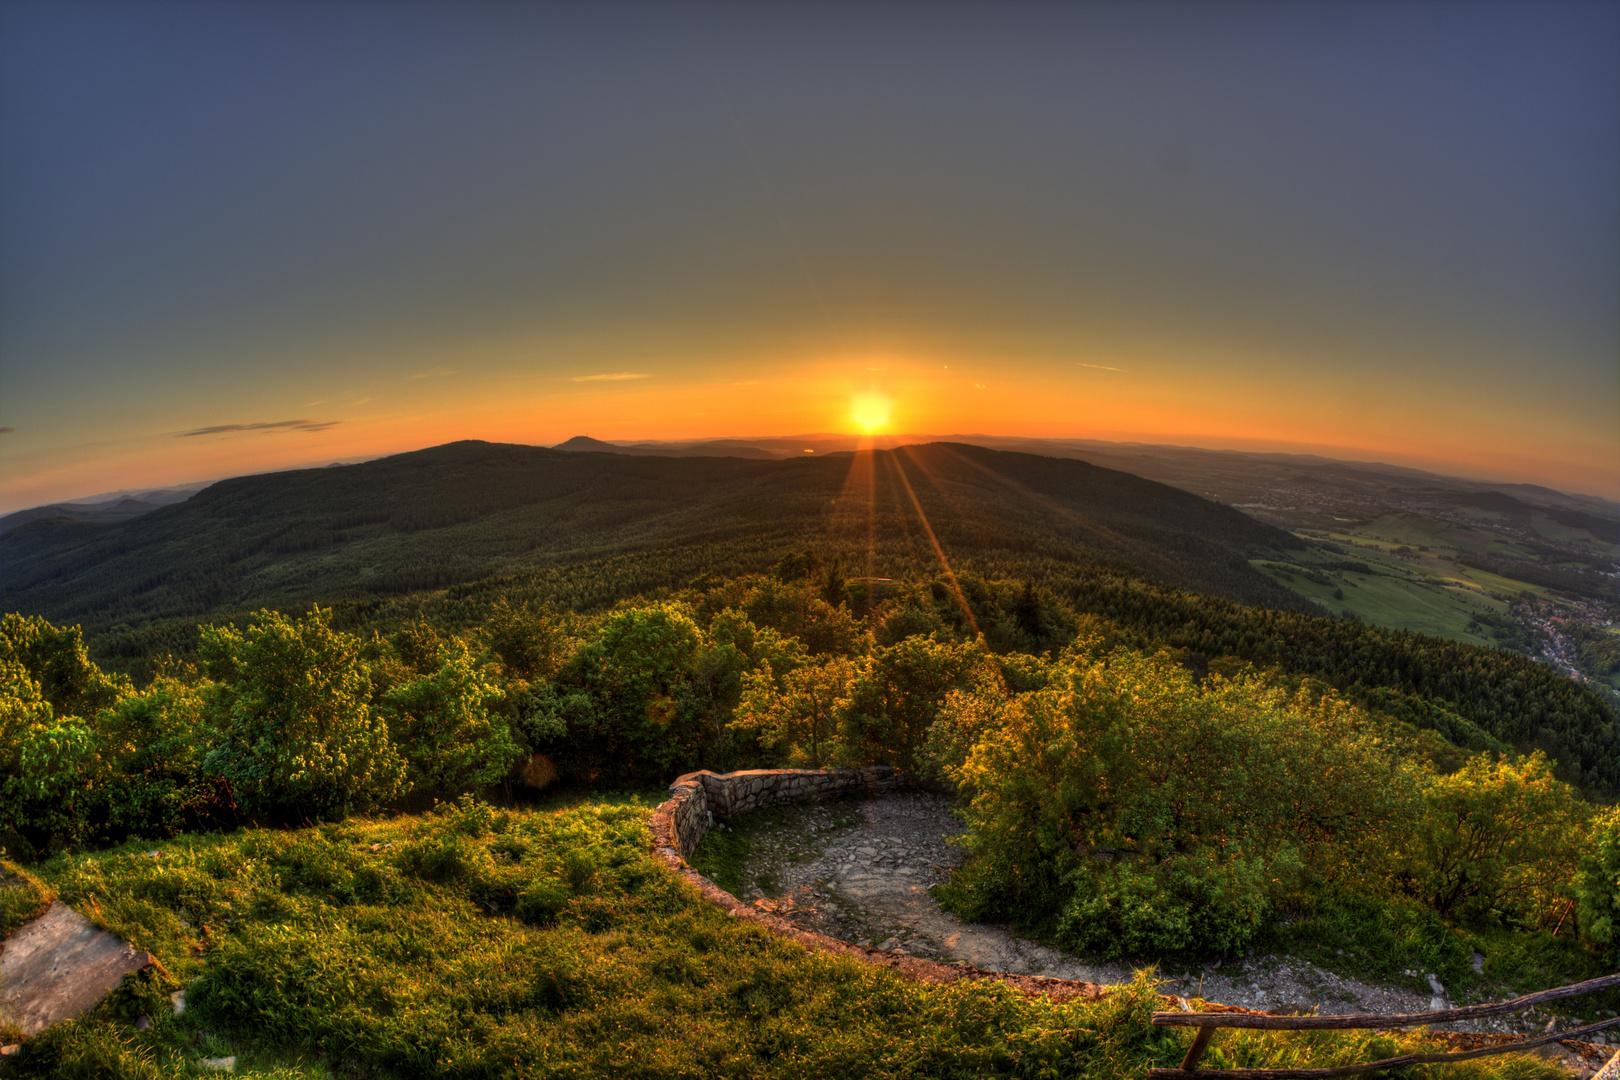 Sonnenuntergang auf der Lausche